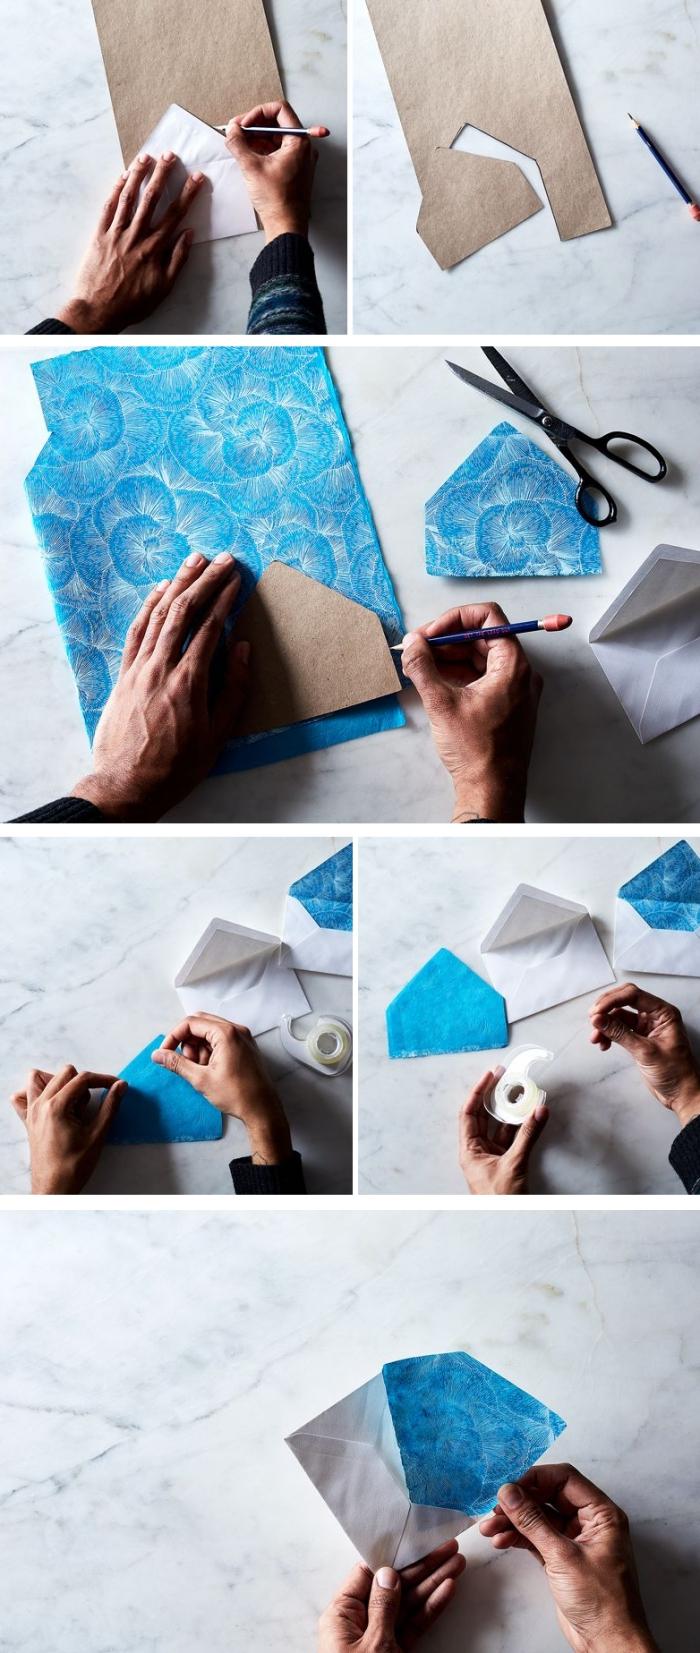 comment faire une enveloppe en papier, personnaliser une enveloppe en utilisant papier coloré et scotch